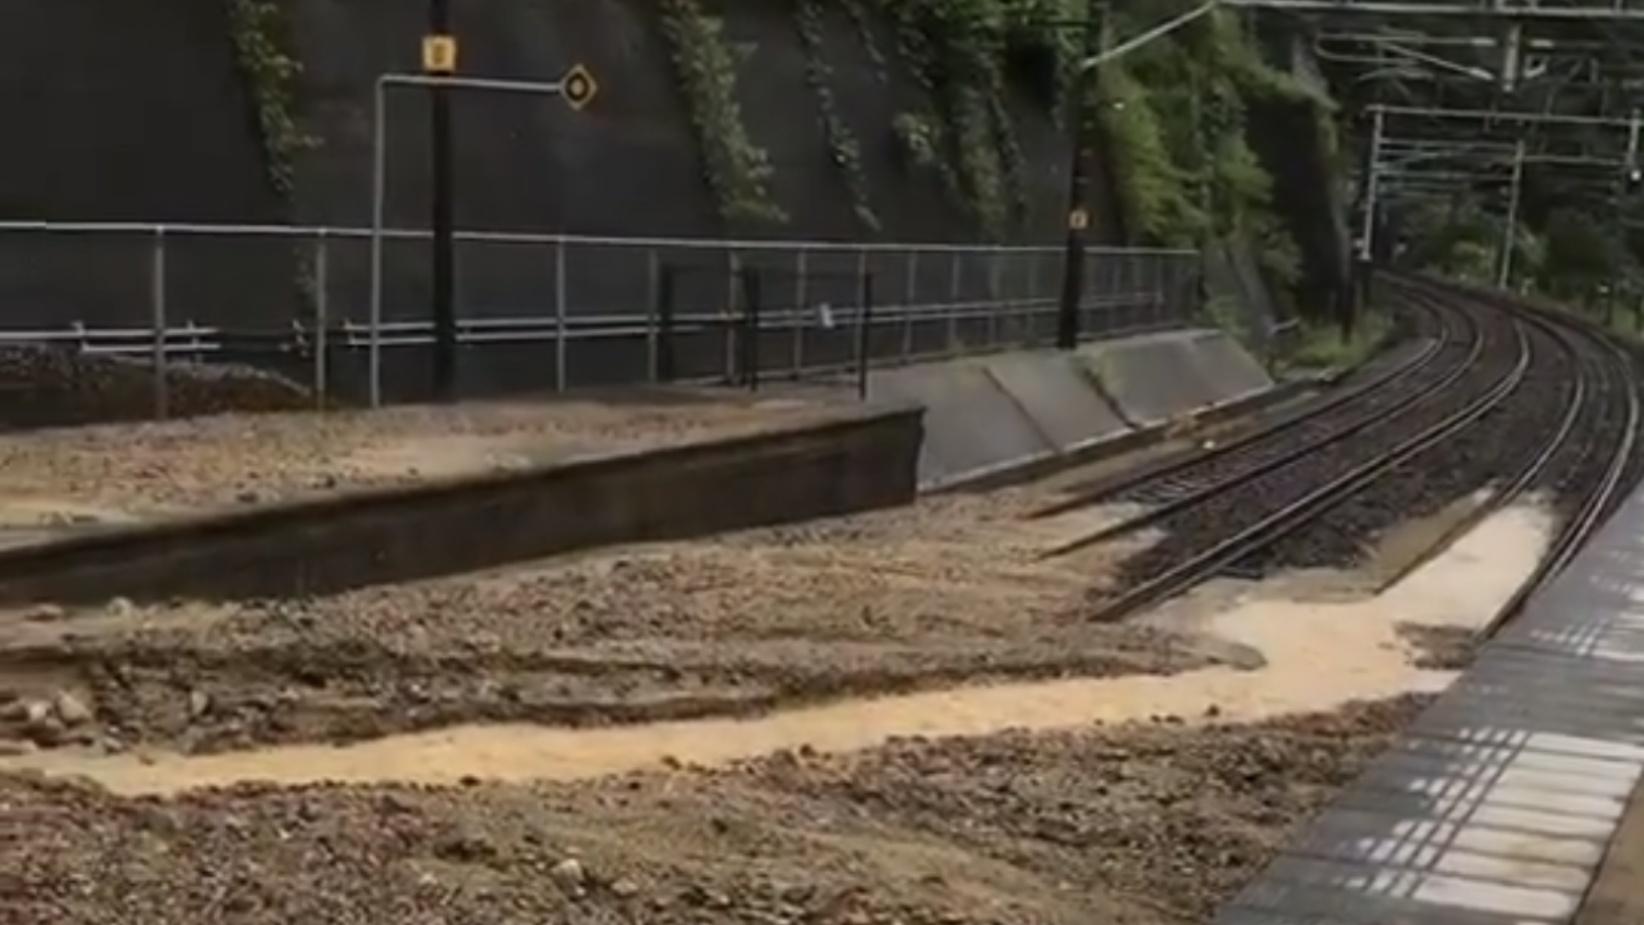 中央西線古虎渓駅のホームが土砂流入で埋まる 計画運休が役に立つ